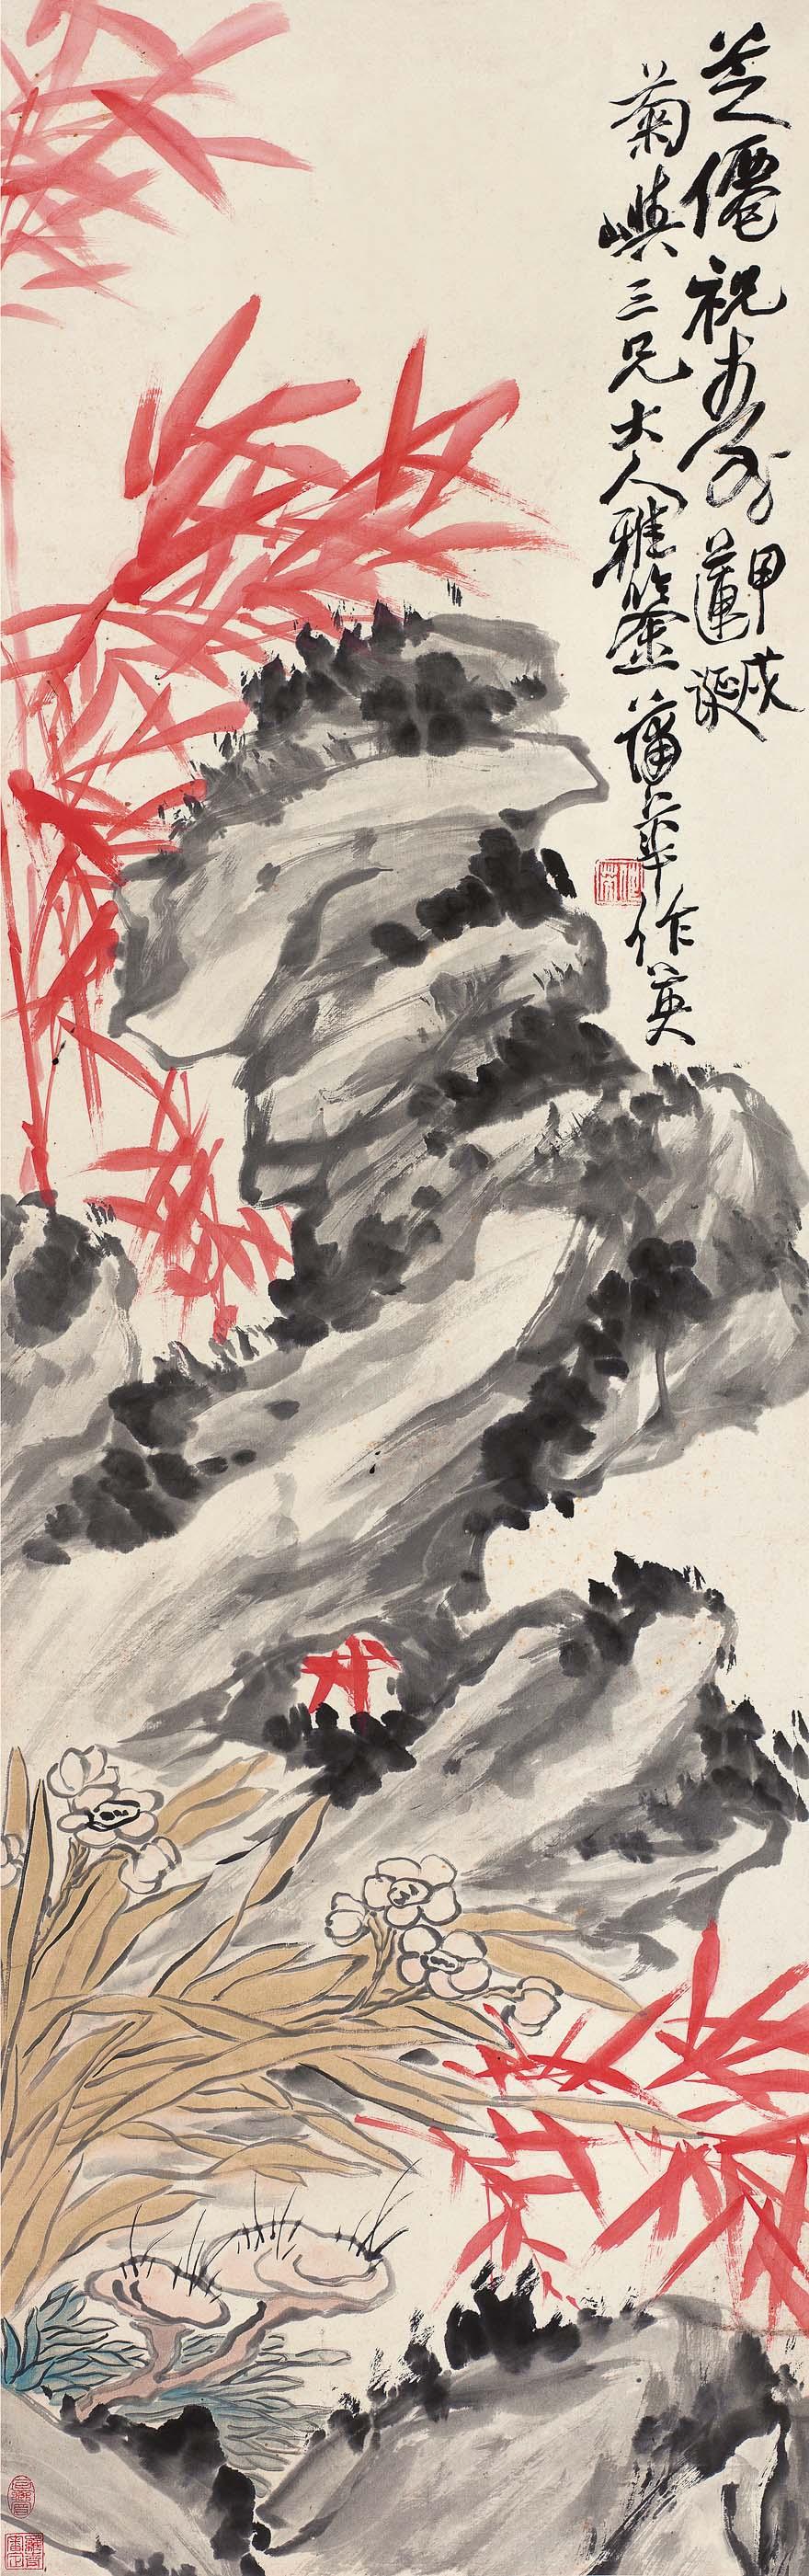 芝仙祝寿图